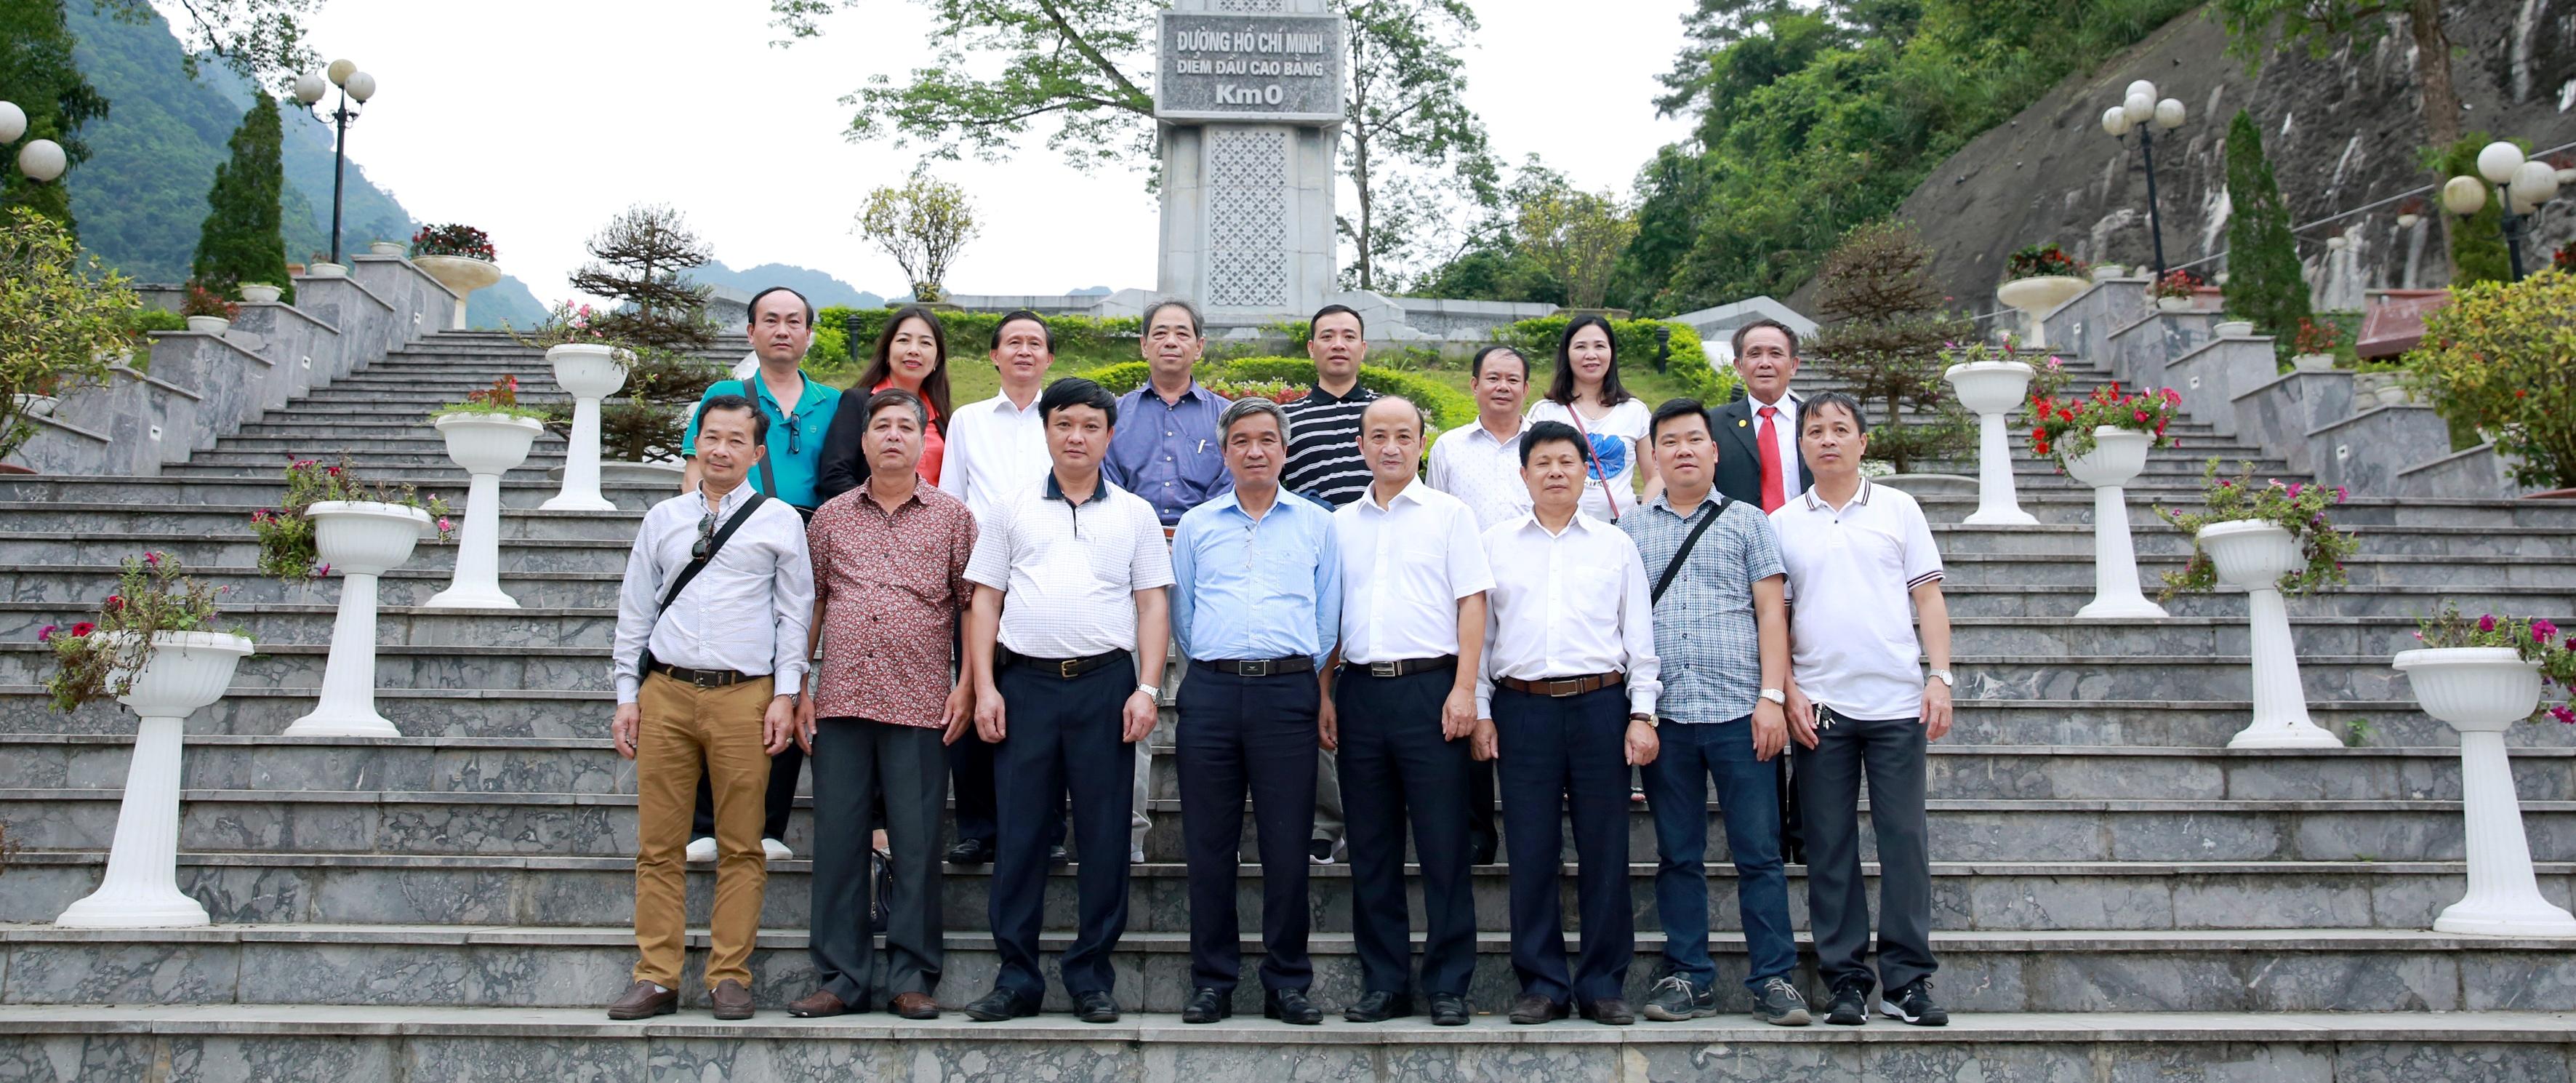 Đảng bộ VATM: Tổ chức Chương trình học tập giáo dục truyền thống